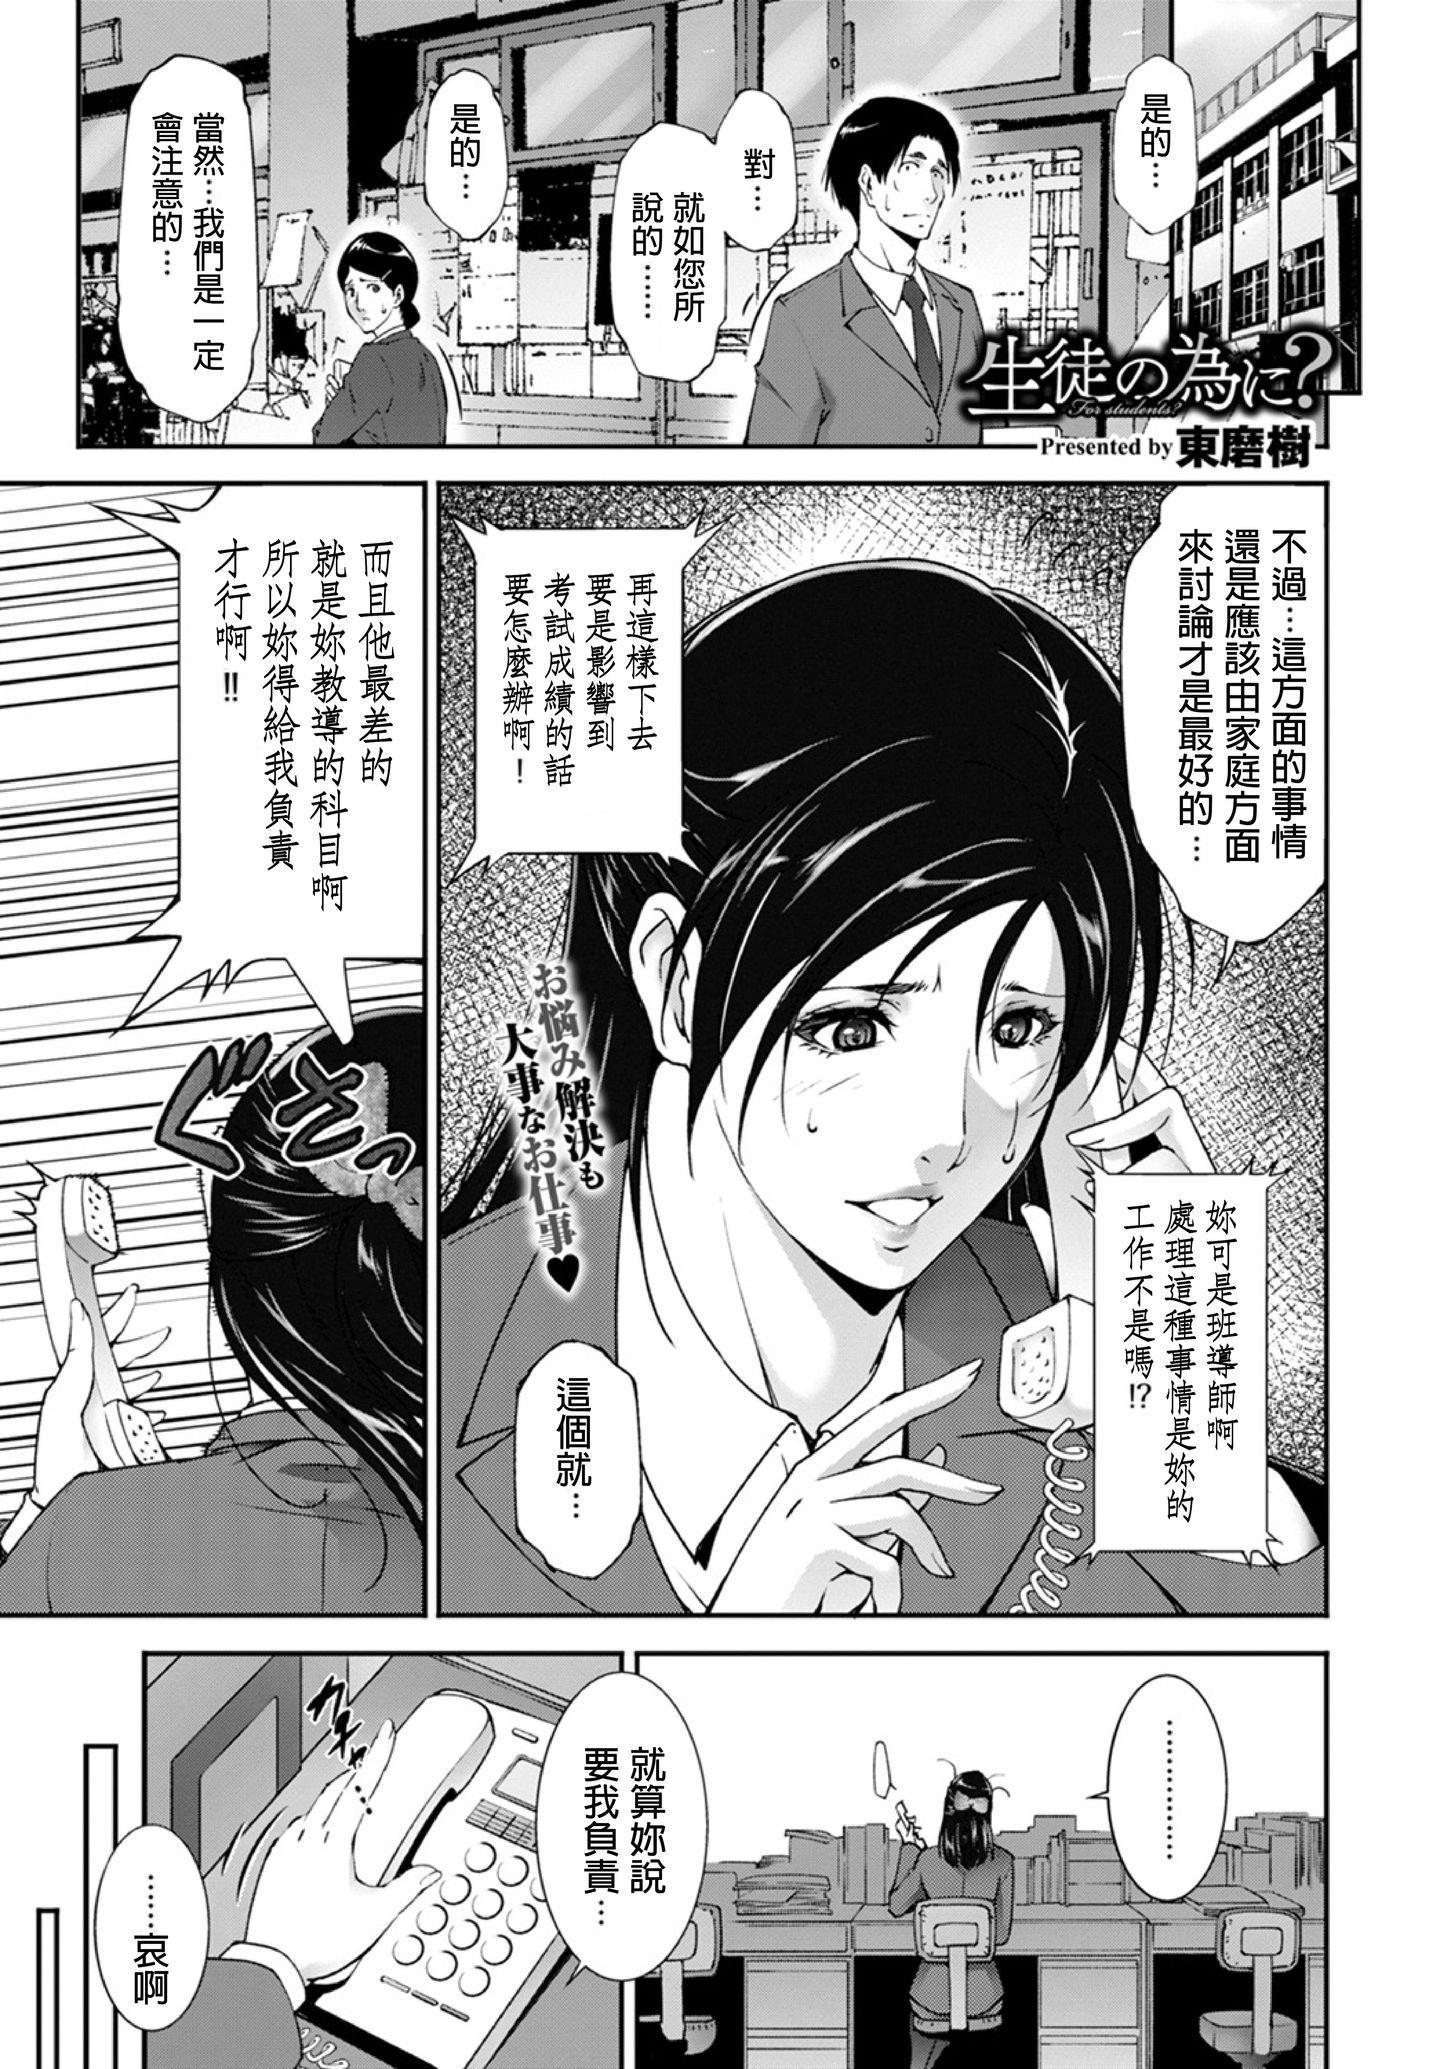 [東磨樹] 生徒の為に (COMIC BAVEL 2020年1月號) - 情色卡漫 -